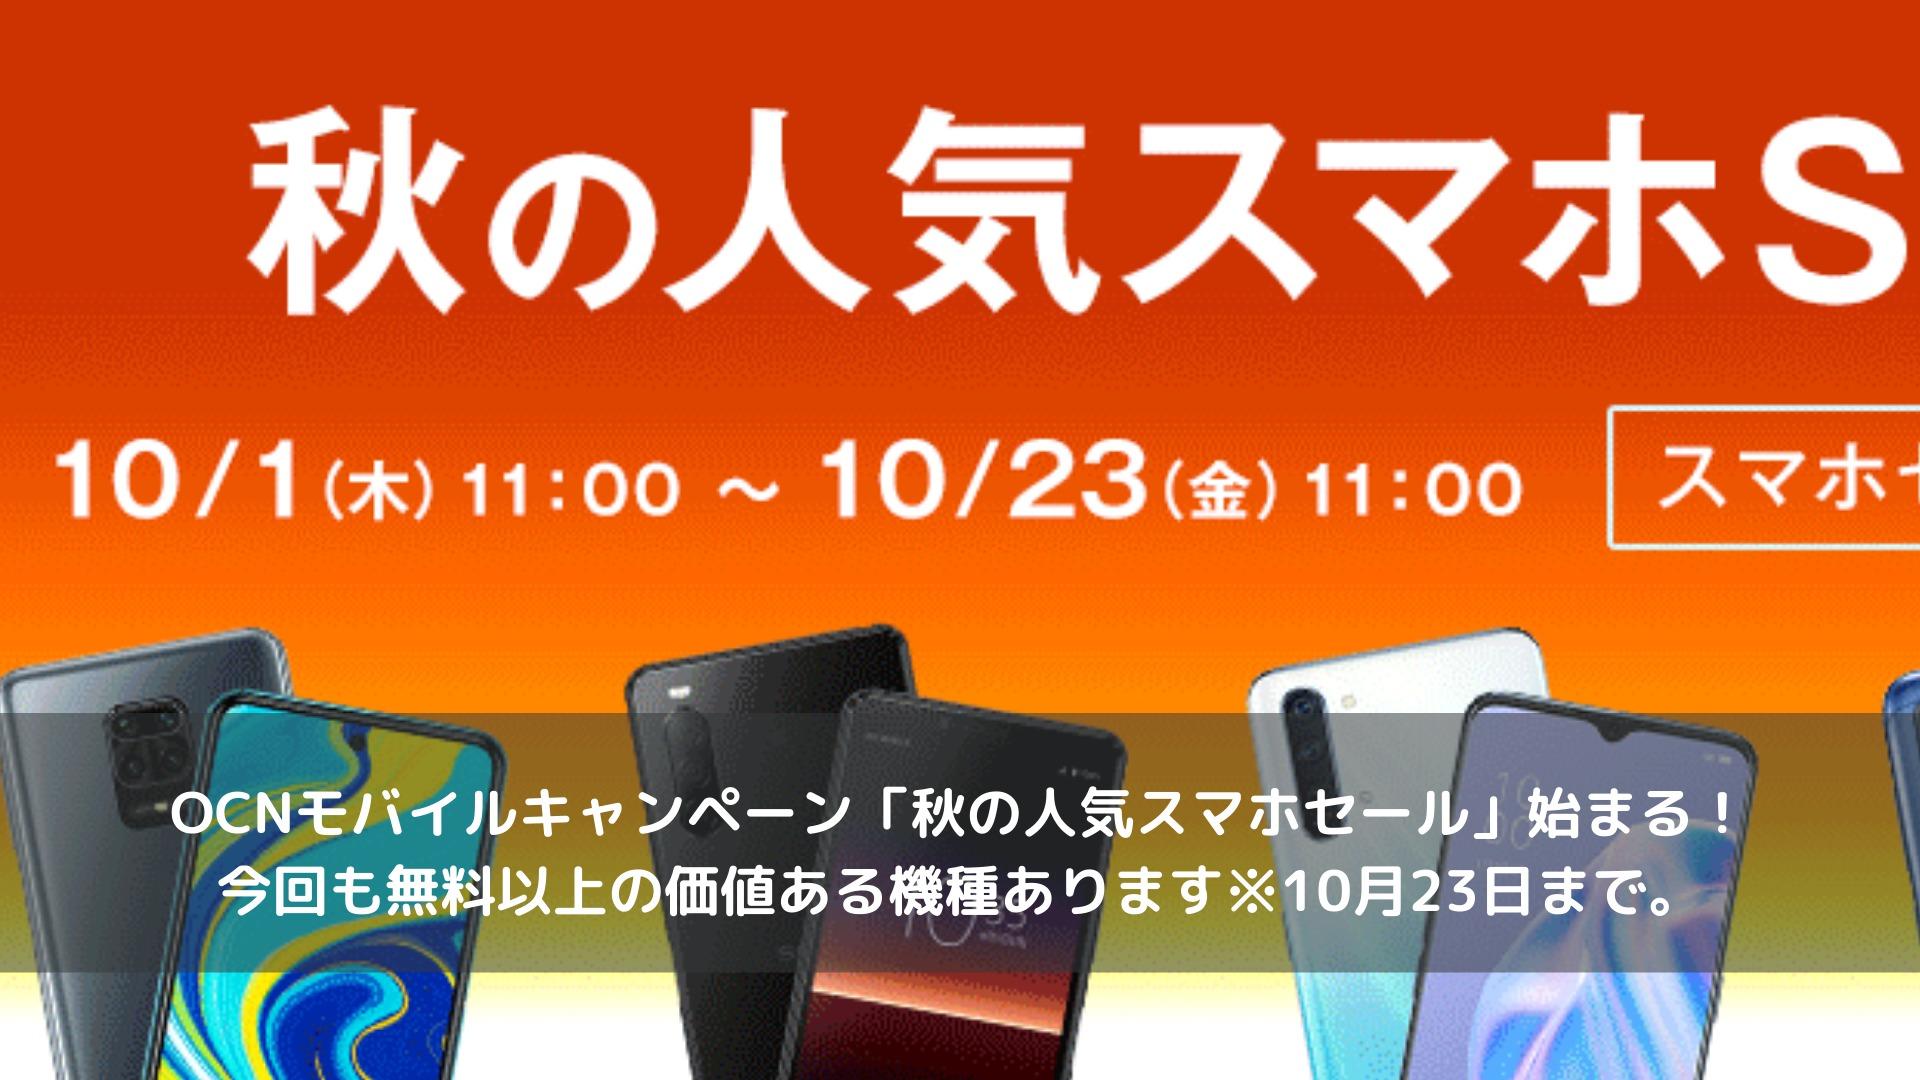 OCNモバイルキャンペーン「秋の人気スマホセール」始まる!今回も無料以上の価値ある機種あります※10月23日まで。